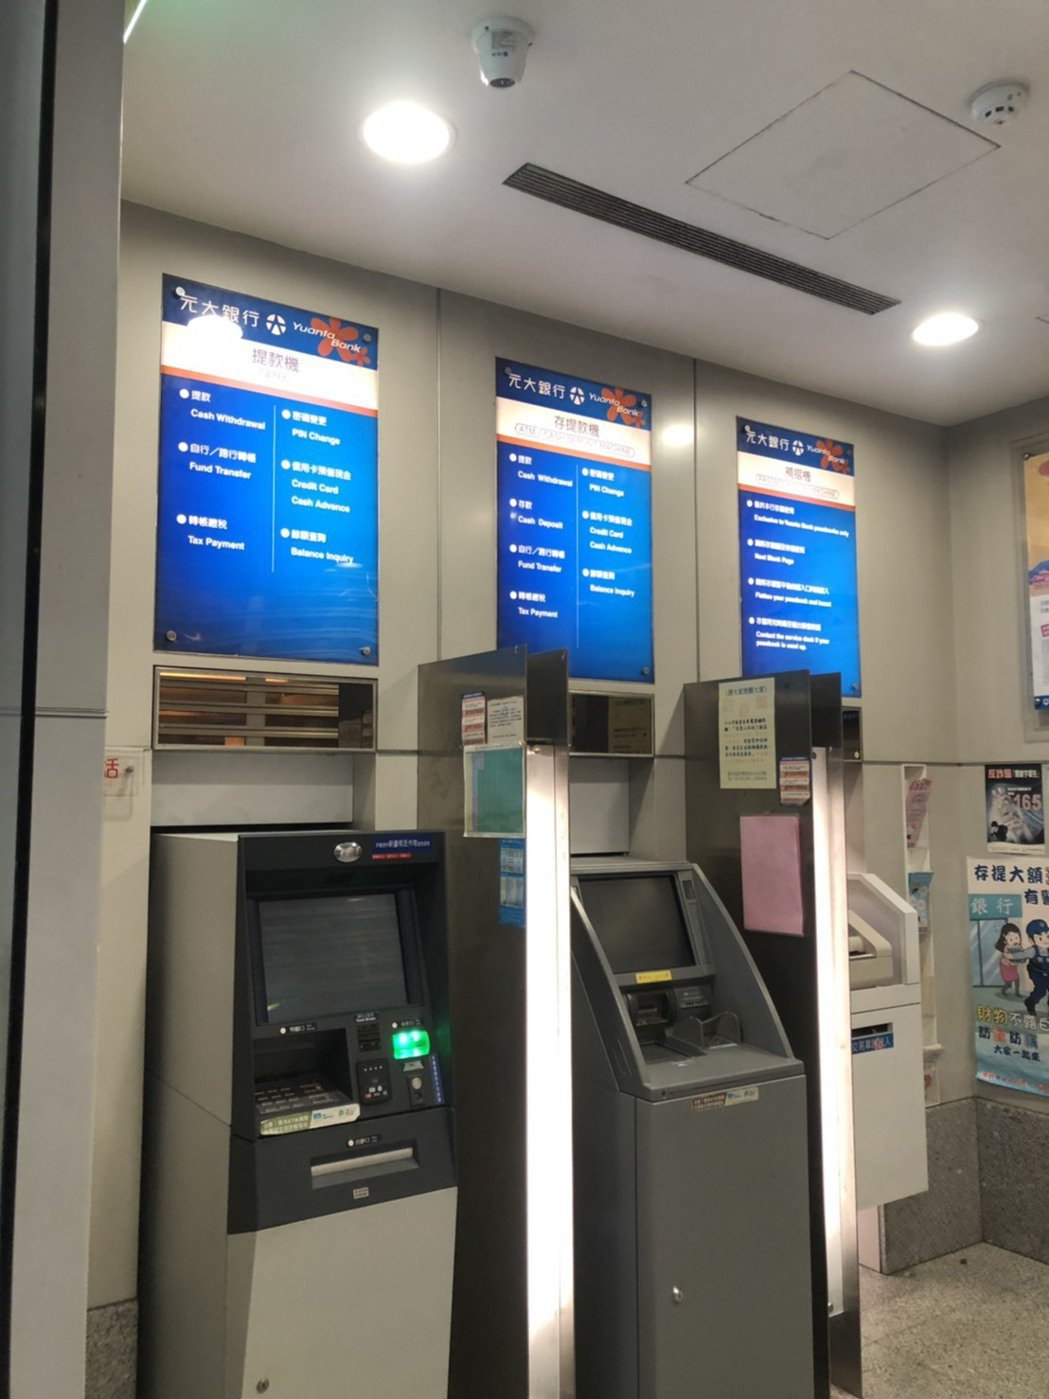 為節能減碳,元大銀行ATM自動提款機區域全面更換LED燈具。圖/元大金控提供